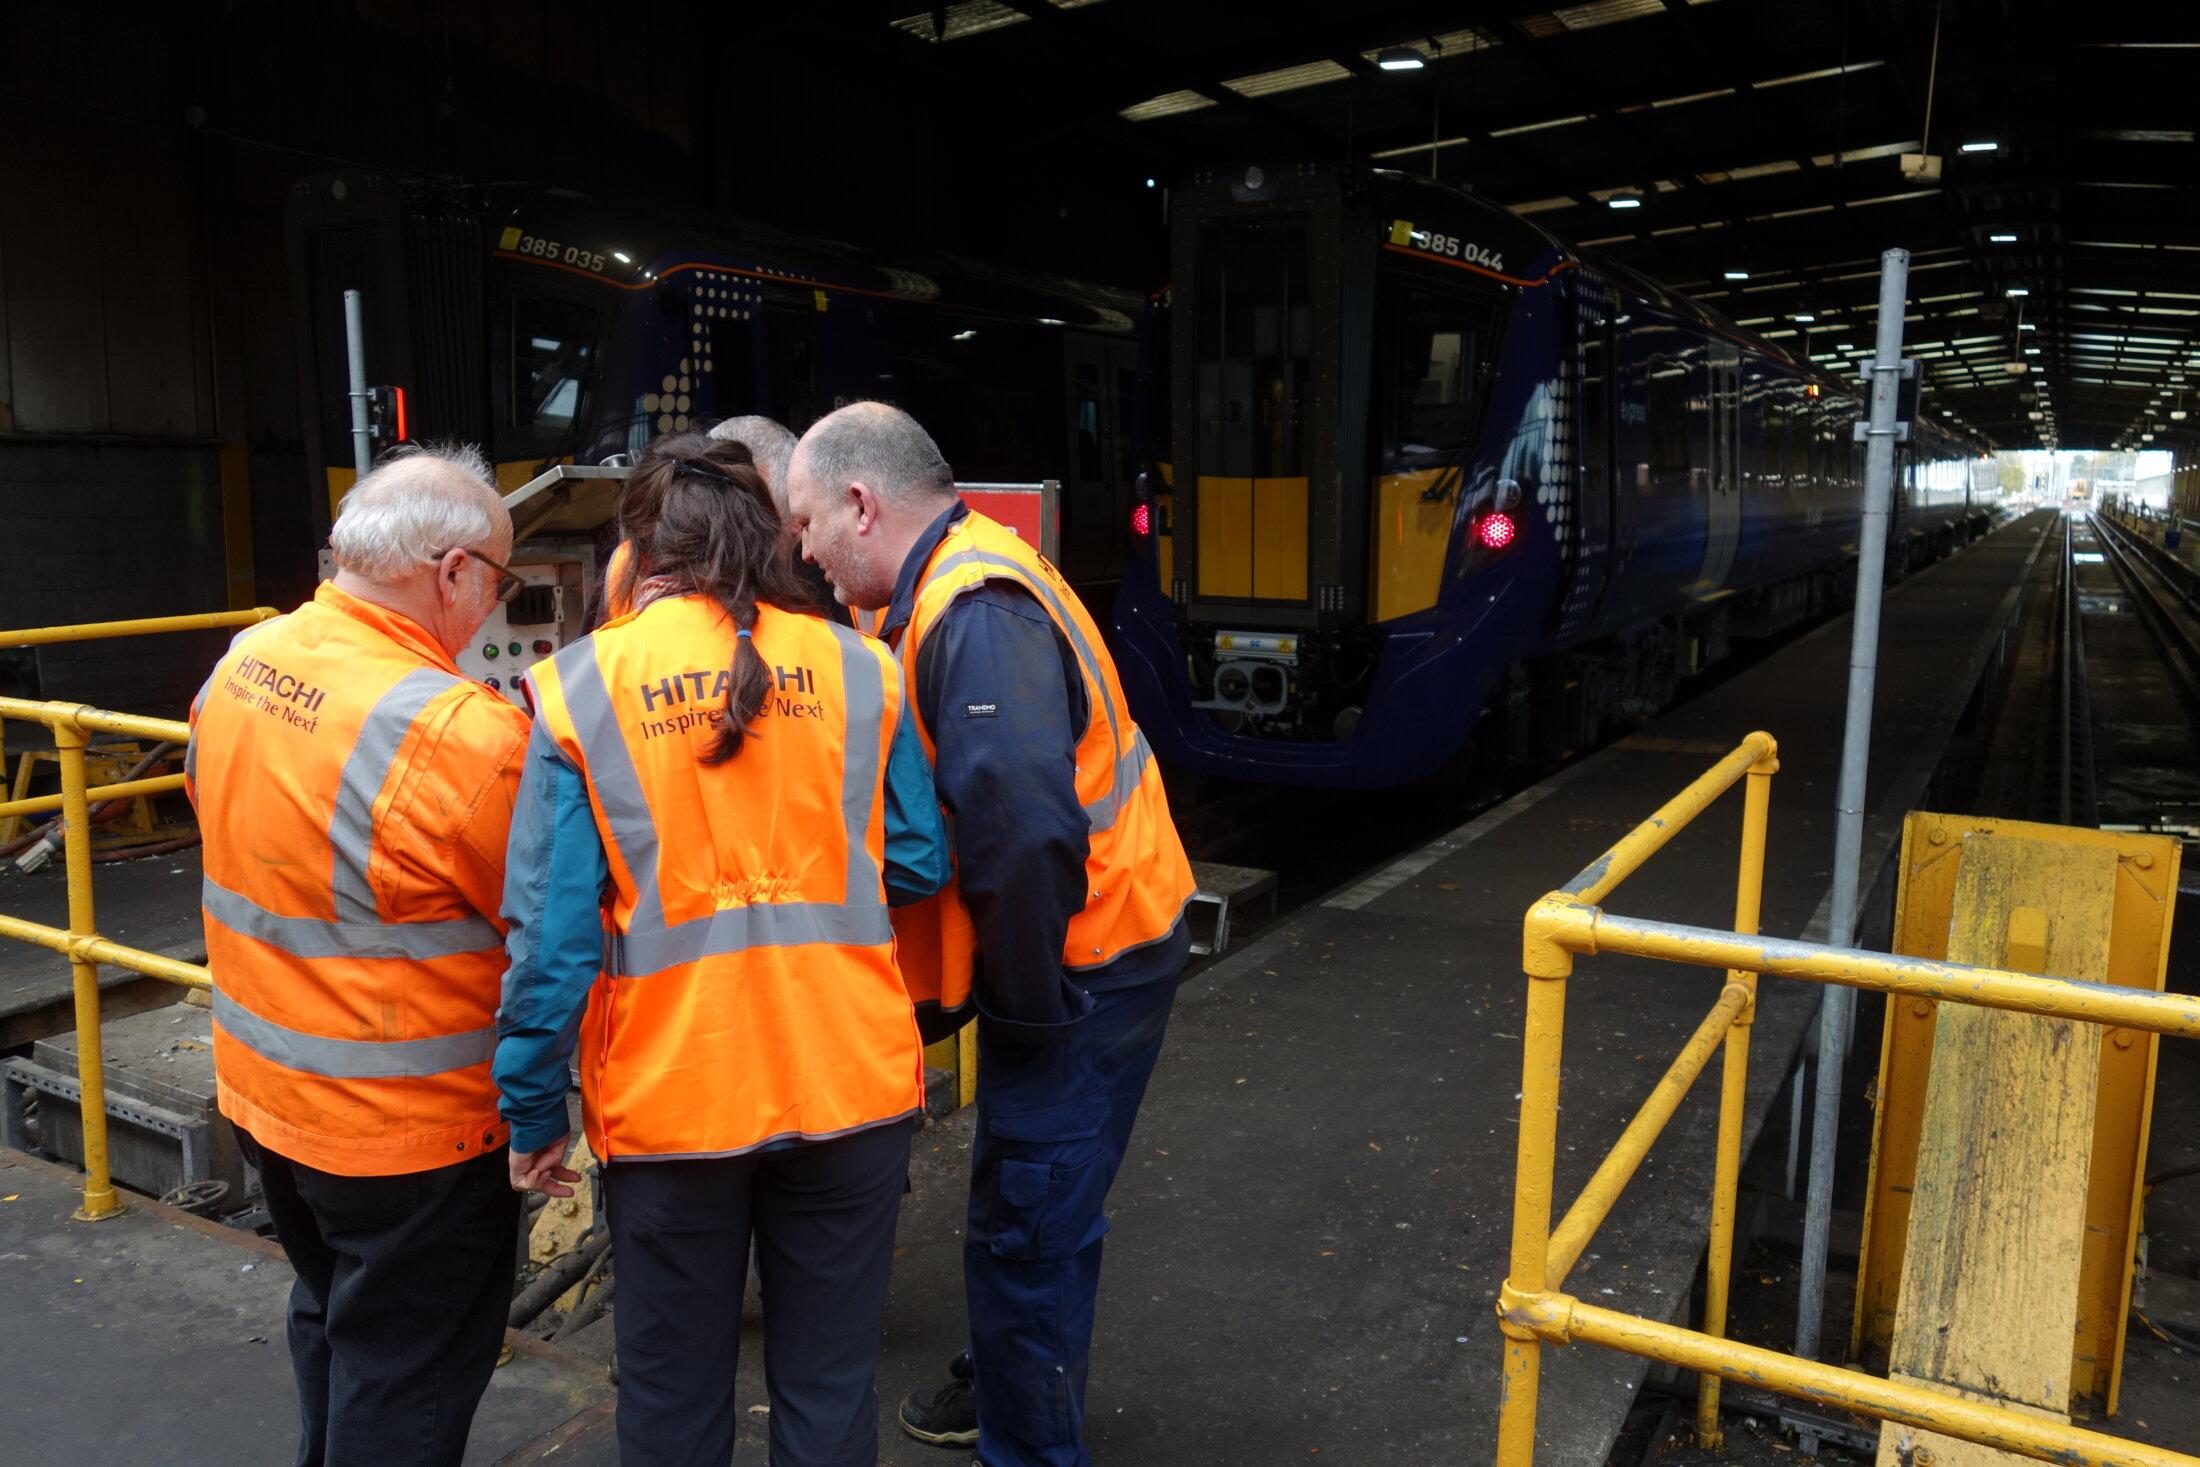 Talking Jabberwocky - Craigentinny rail depot.